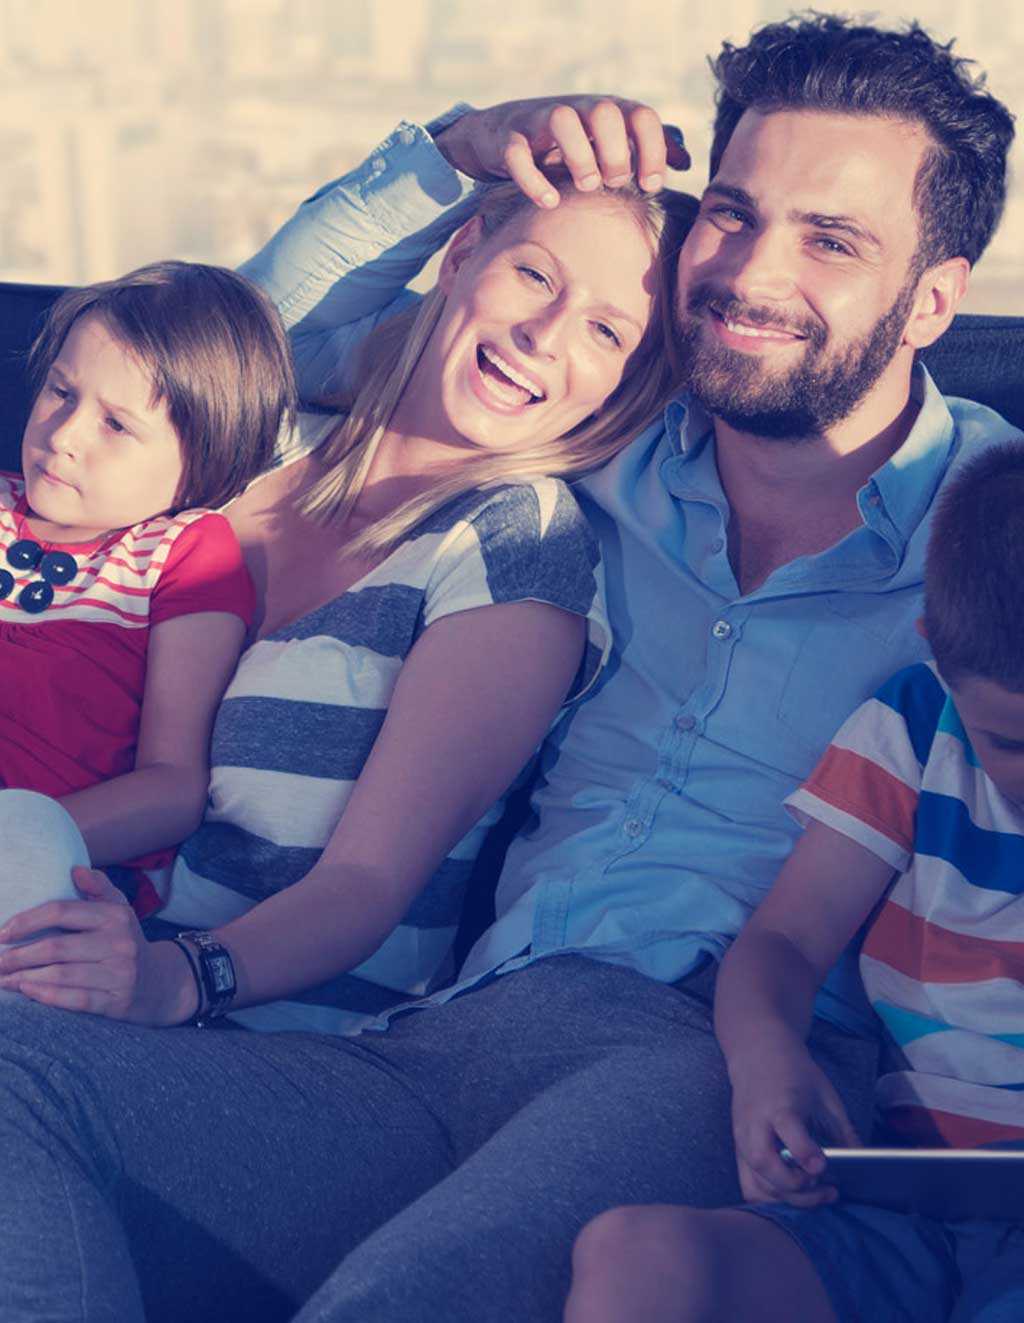 Da li u kućnom budzetu imate sredstava za životno osiguranje?